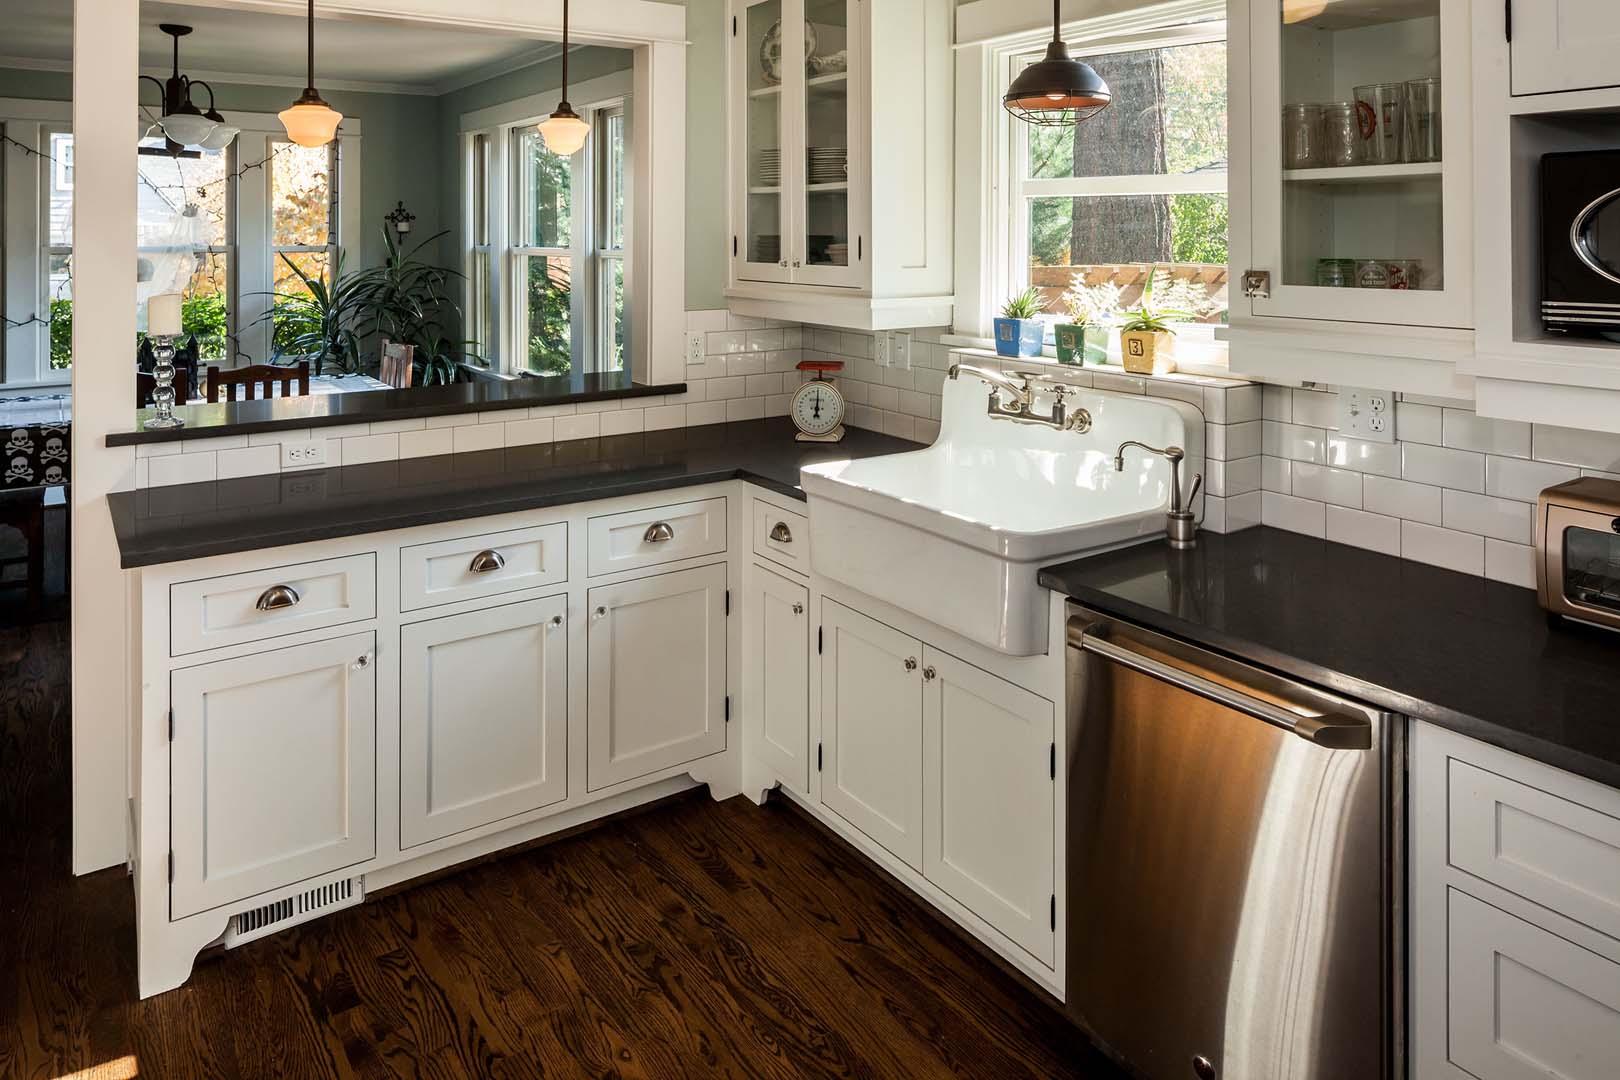 kitchen ne portland or natural stone designs. Black Bedroom Furniture Sets. Home Design Ideas